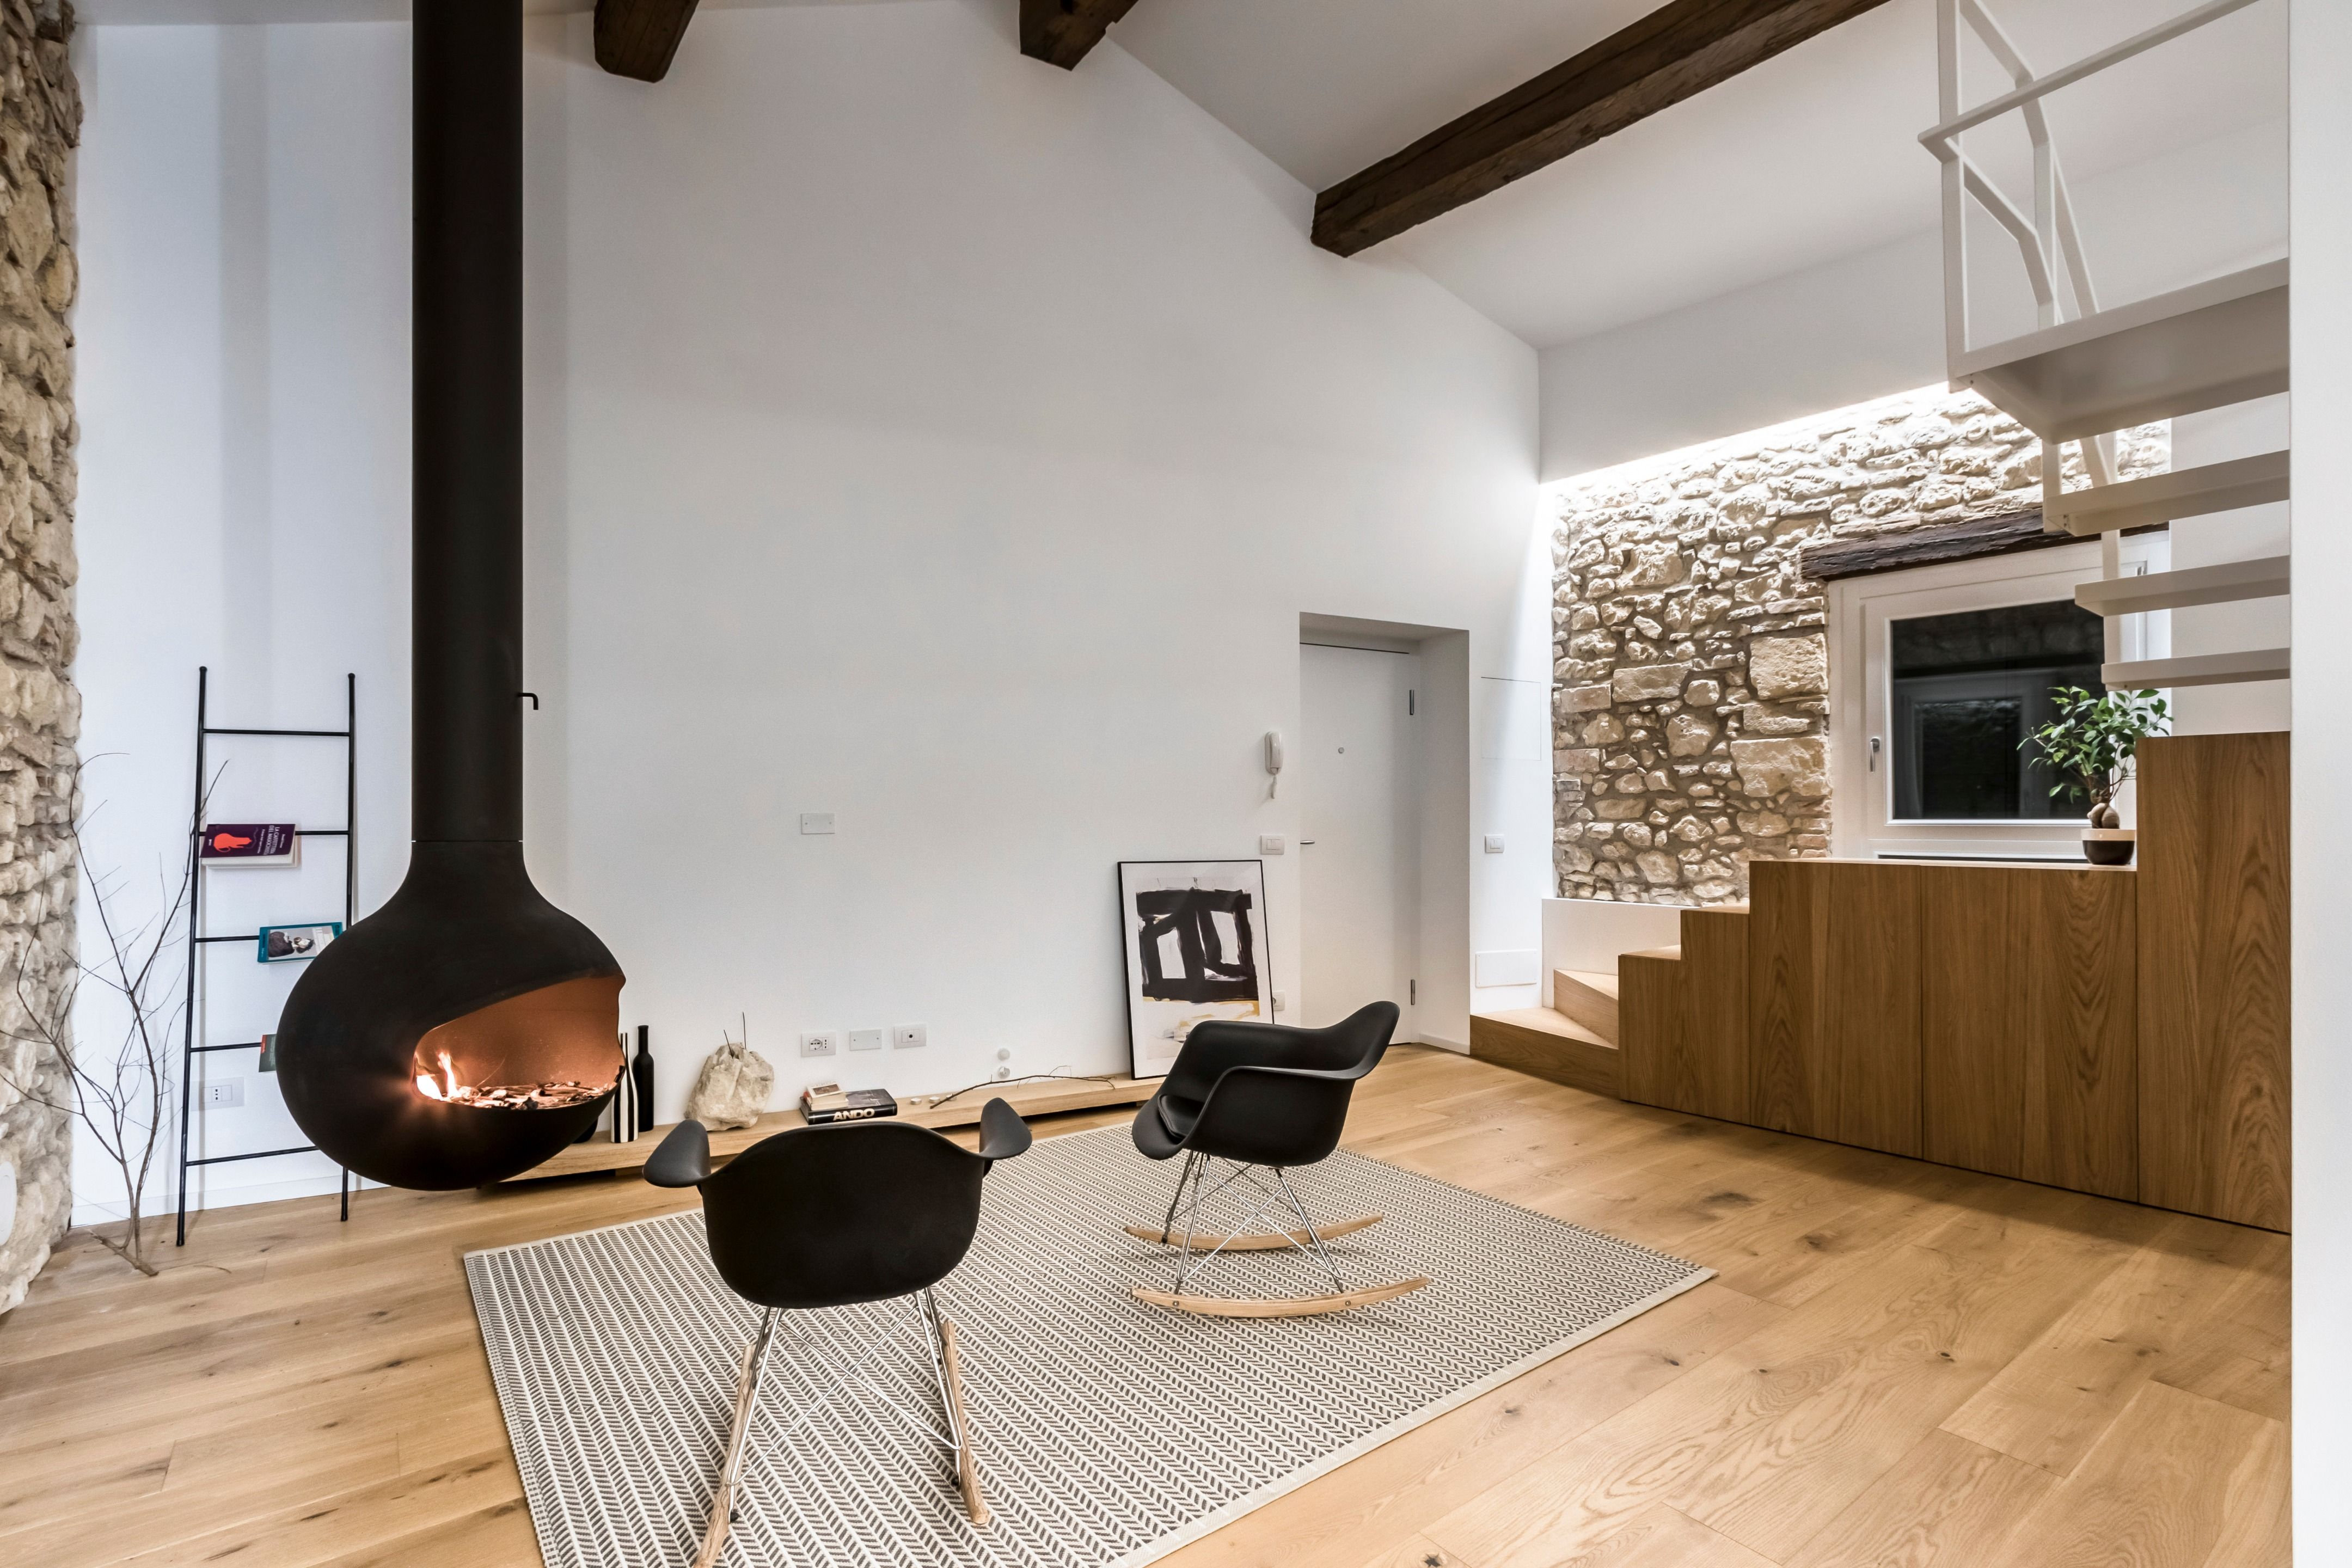 Minicasa Z Picture Gallery Nel 2020 Interni Casa Idee Per Decorare La Casa Architettura Di Interni